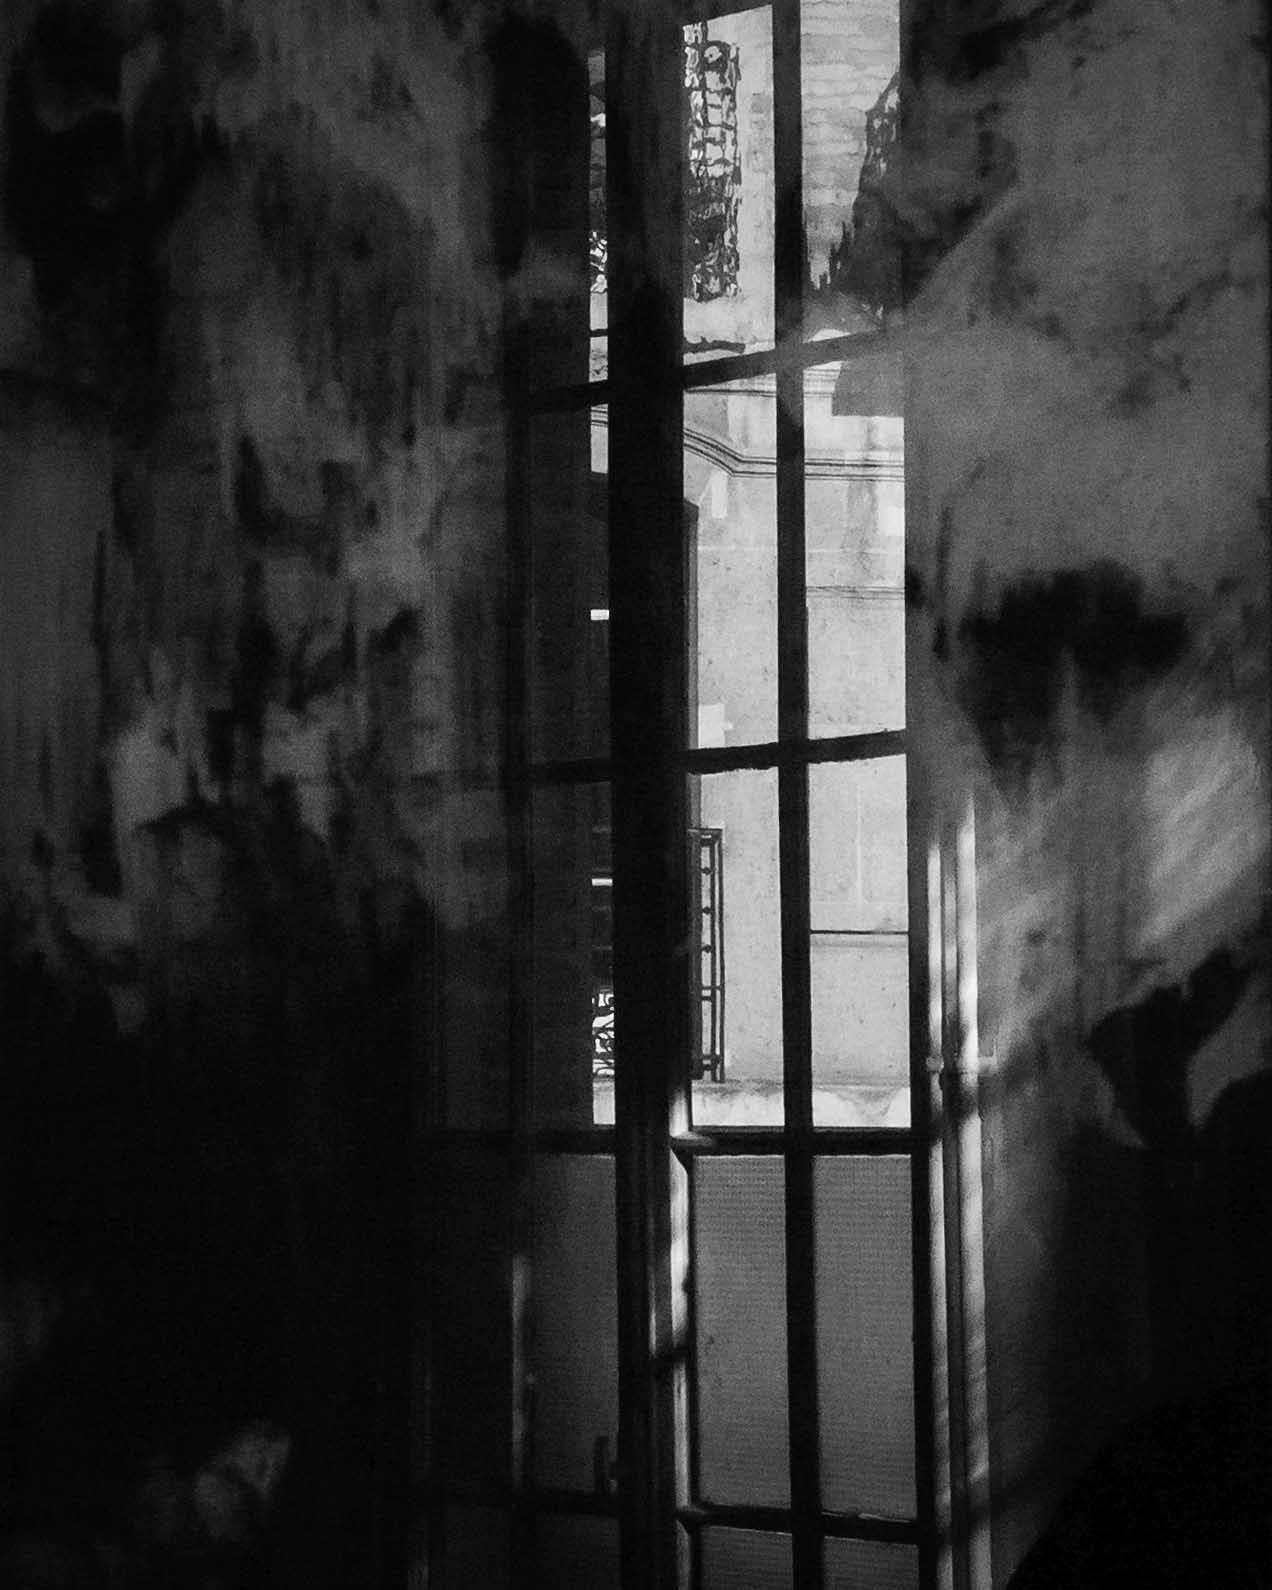 Reflet dans l'oeuvre d'Anaïs Boudot, Paris, gildalliere, 2017